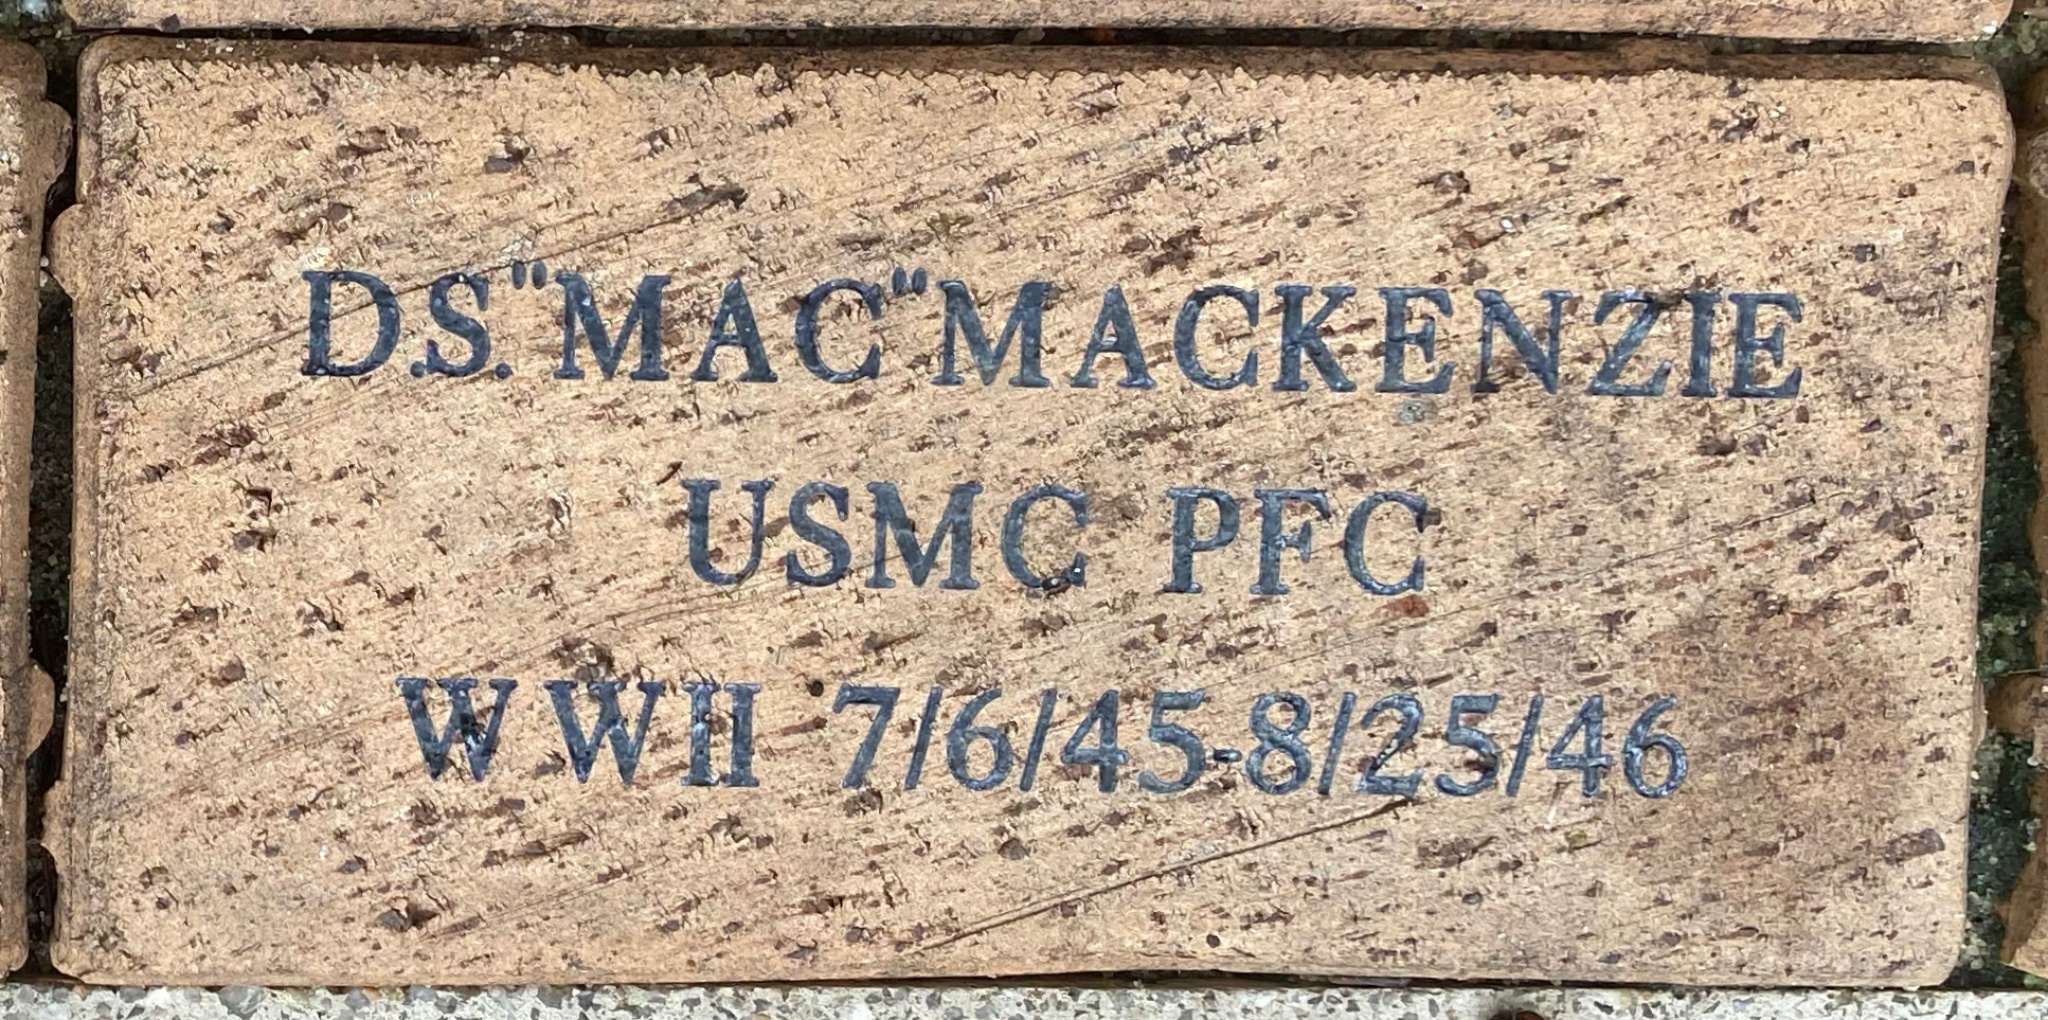 """D.S.""""""""MAC""""""""MACKENZIE USMC PFC WWII 7/6/45-8/25/46"""